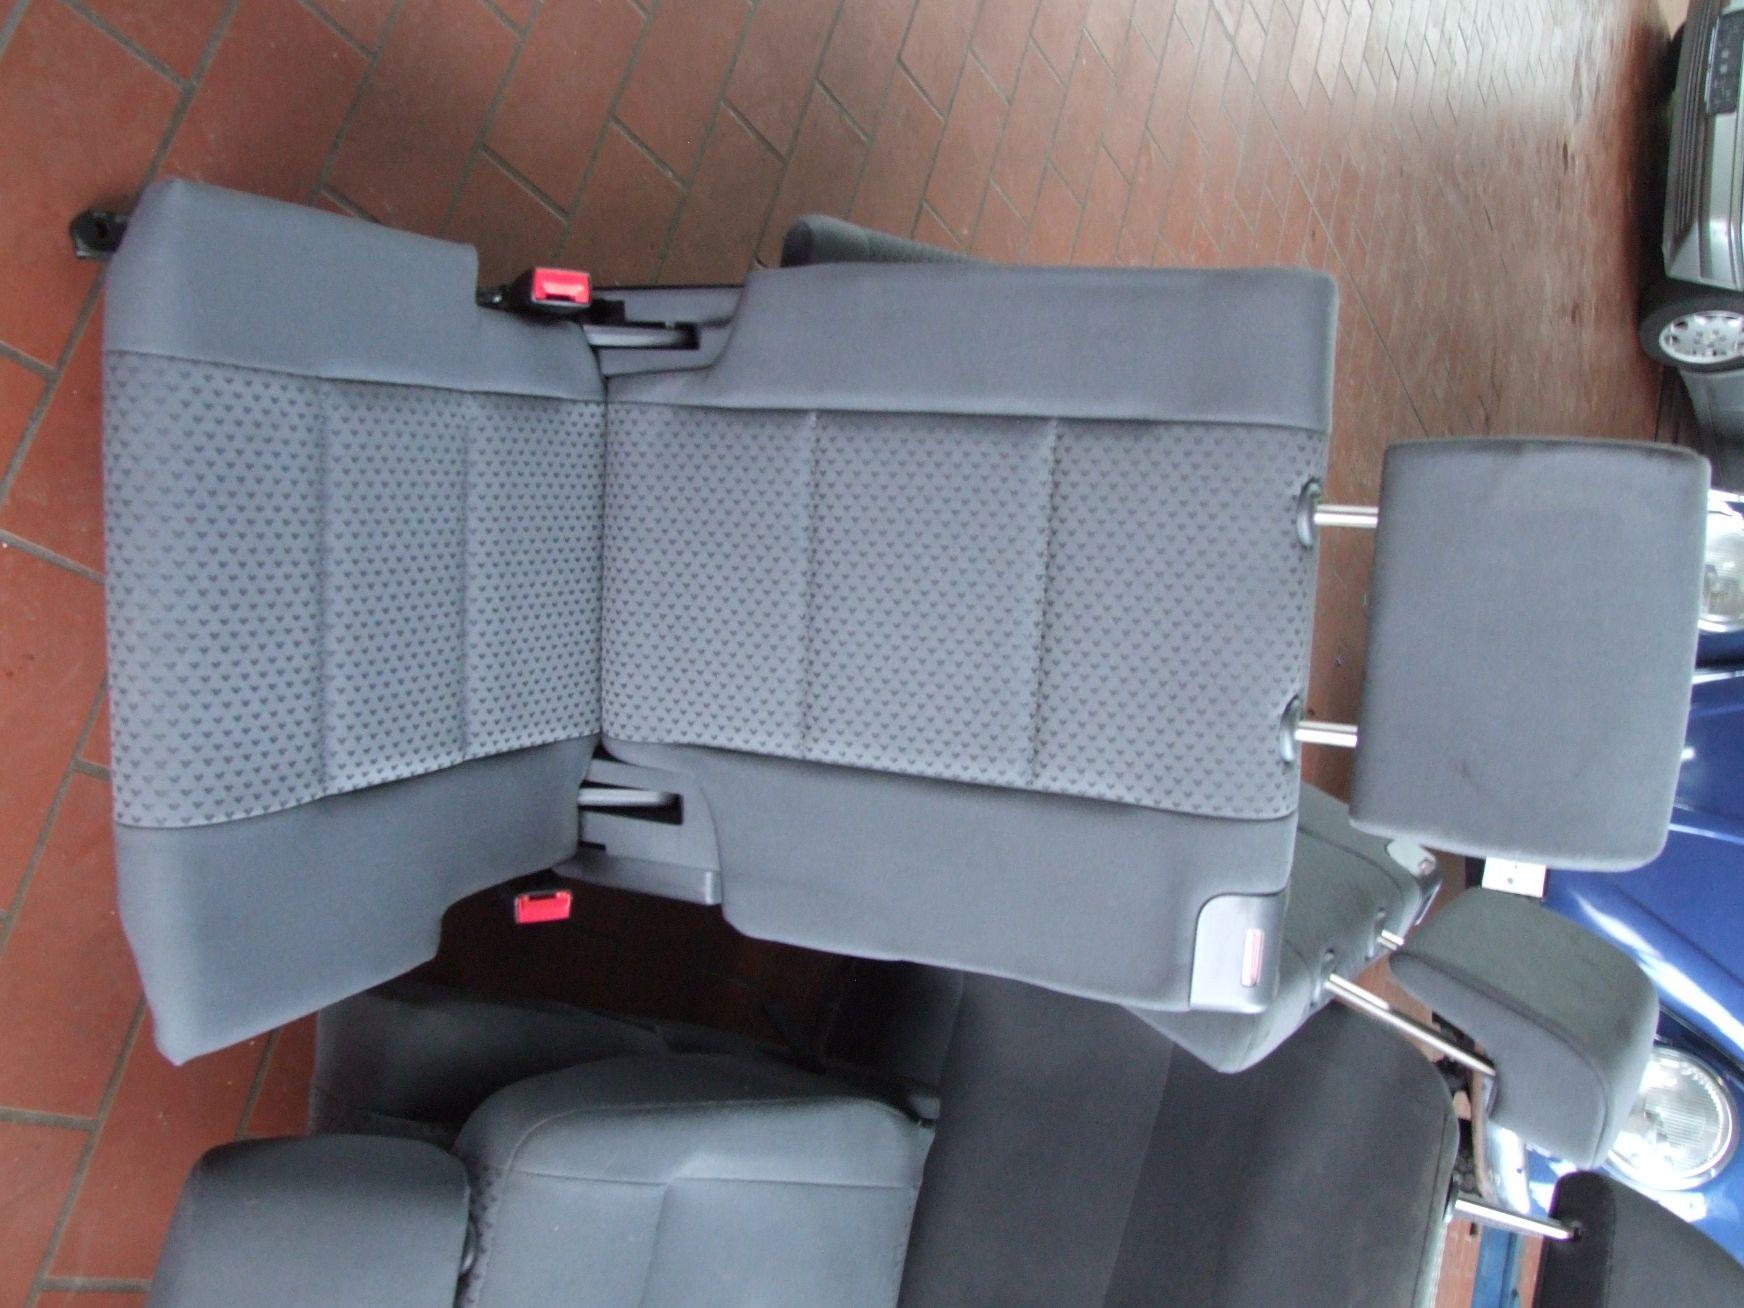 sitz aus vw touran gebraucht vw audi auto scheuermann e k rudolf diesel str 7 9 97318. Black Bedroom Furniture Sets. Home Design Ideas